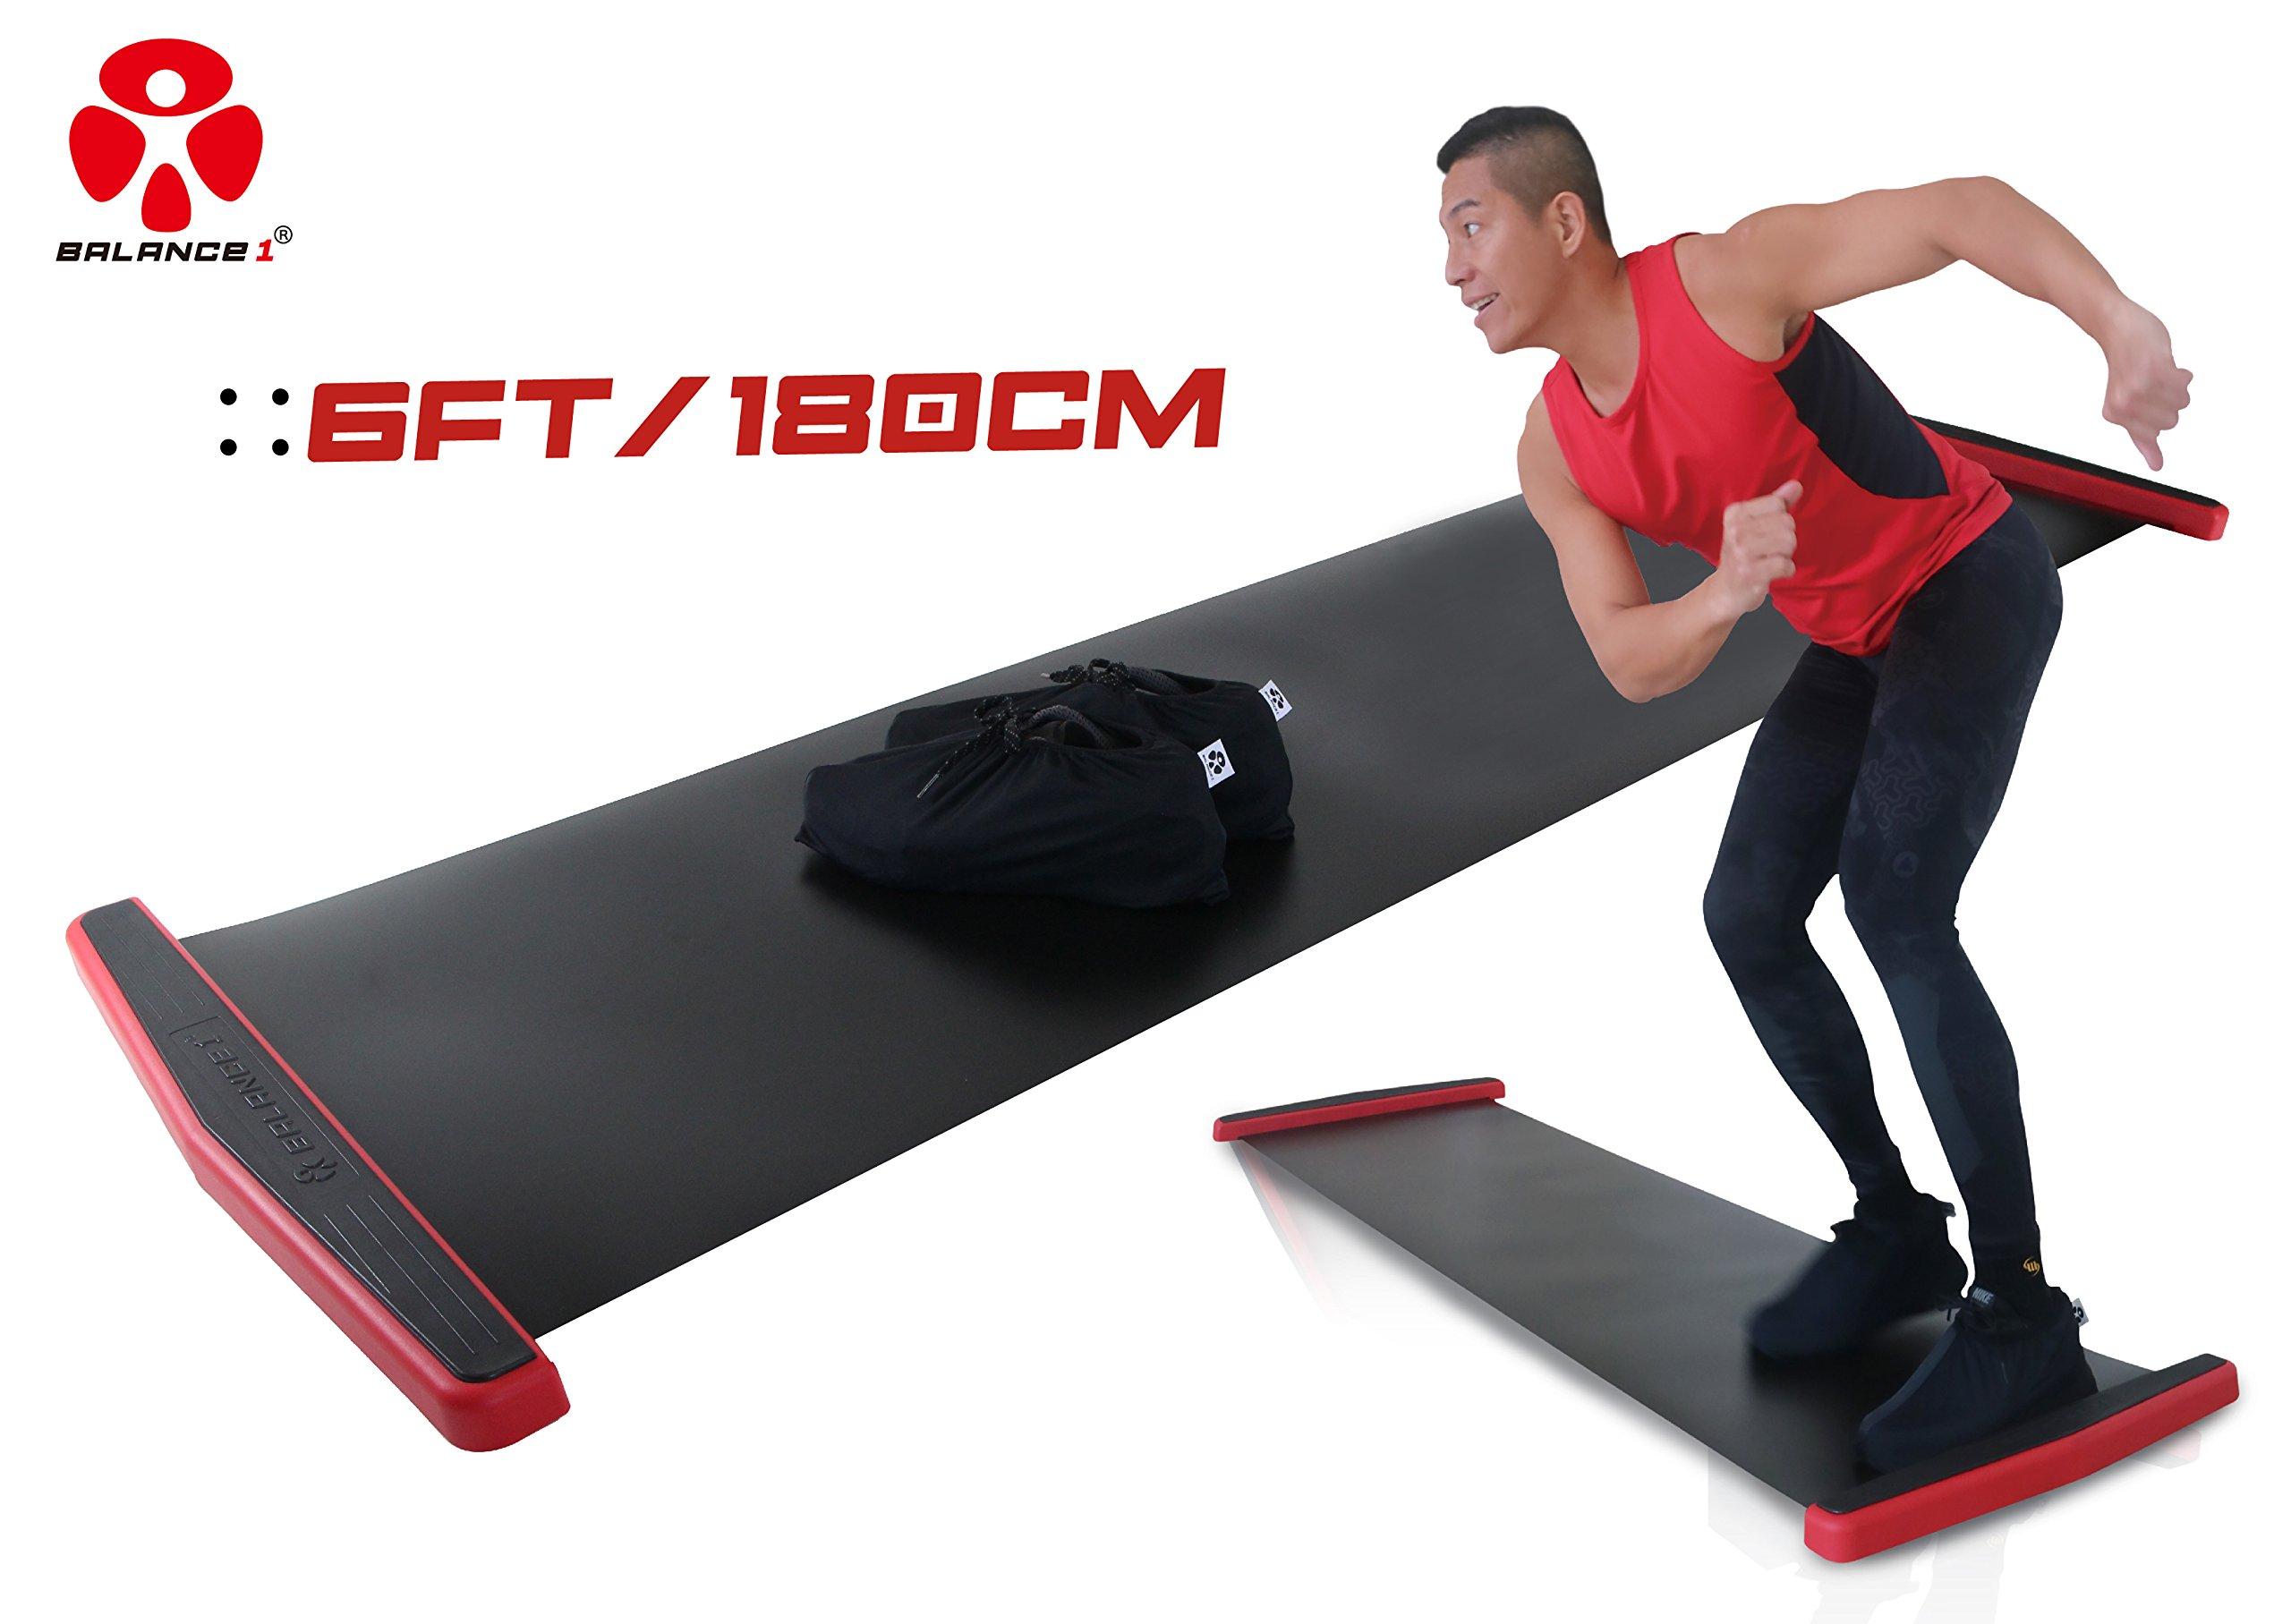 Balance Slide Board BLK180 6FT